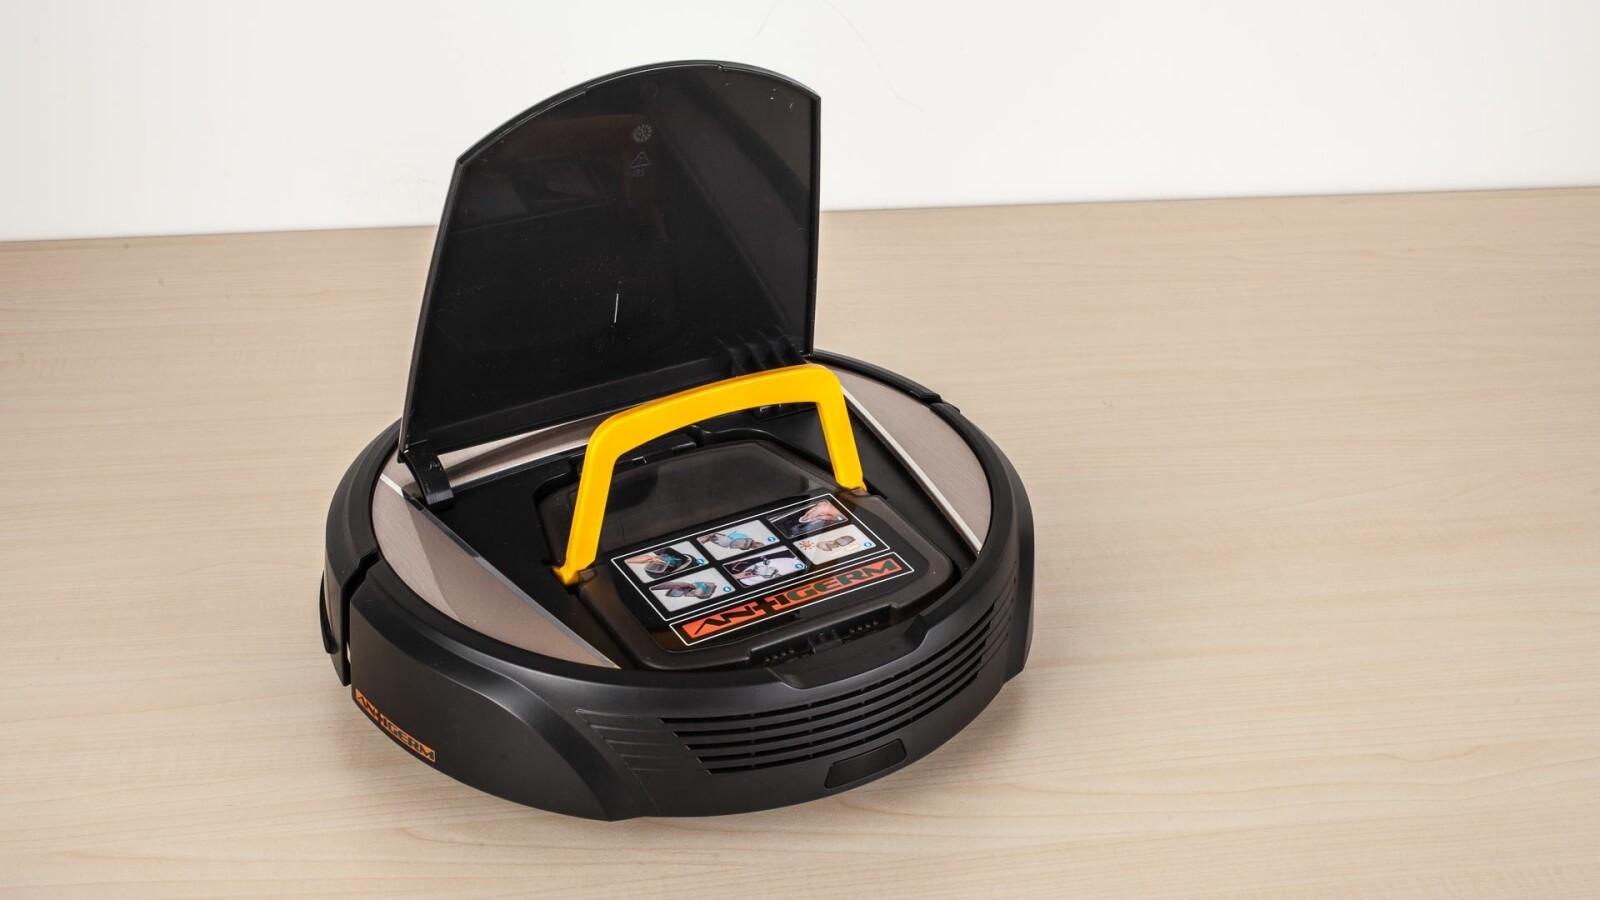 deebot 8 im test staubsauger roboter mit wischfunktion. Black Bedroom Furniture Sets. Home Design Ideas